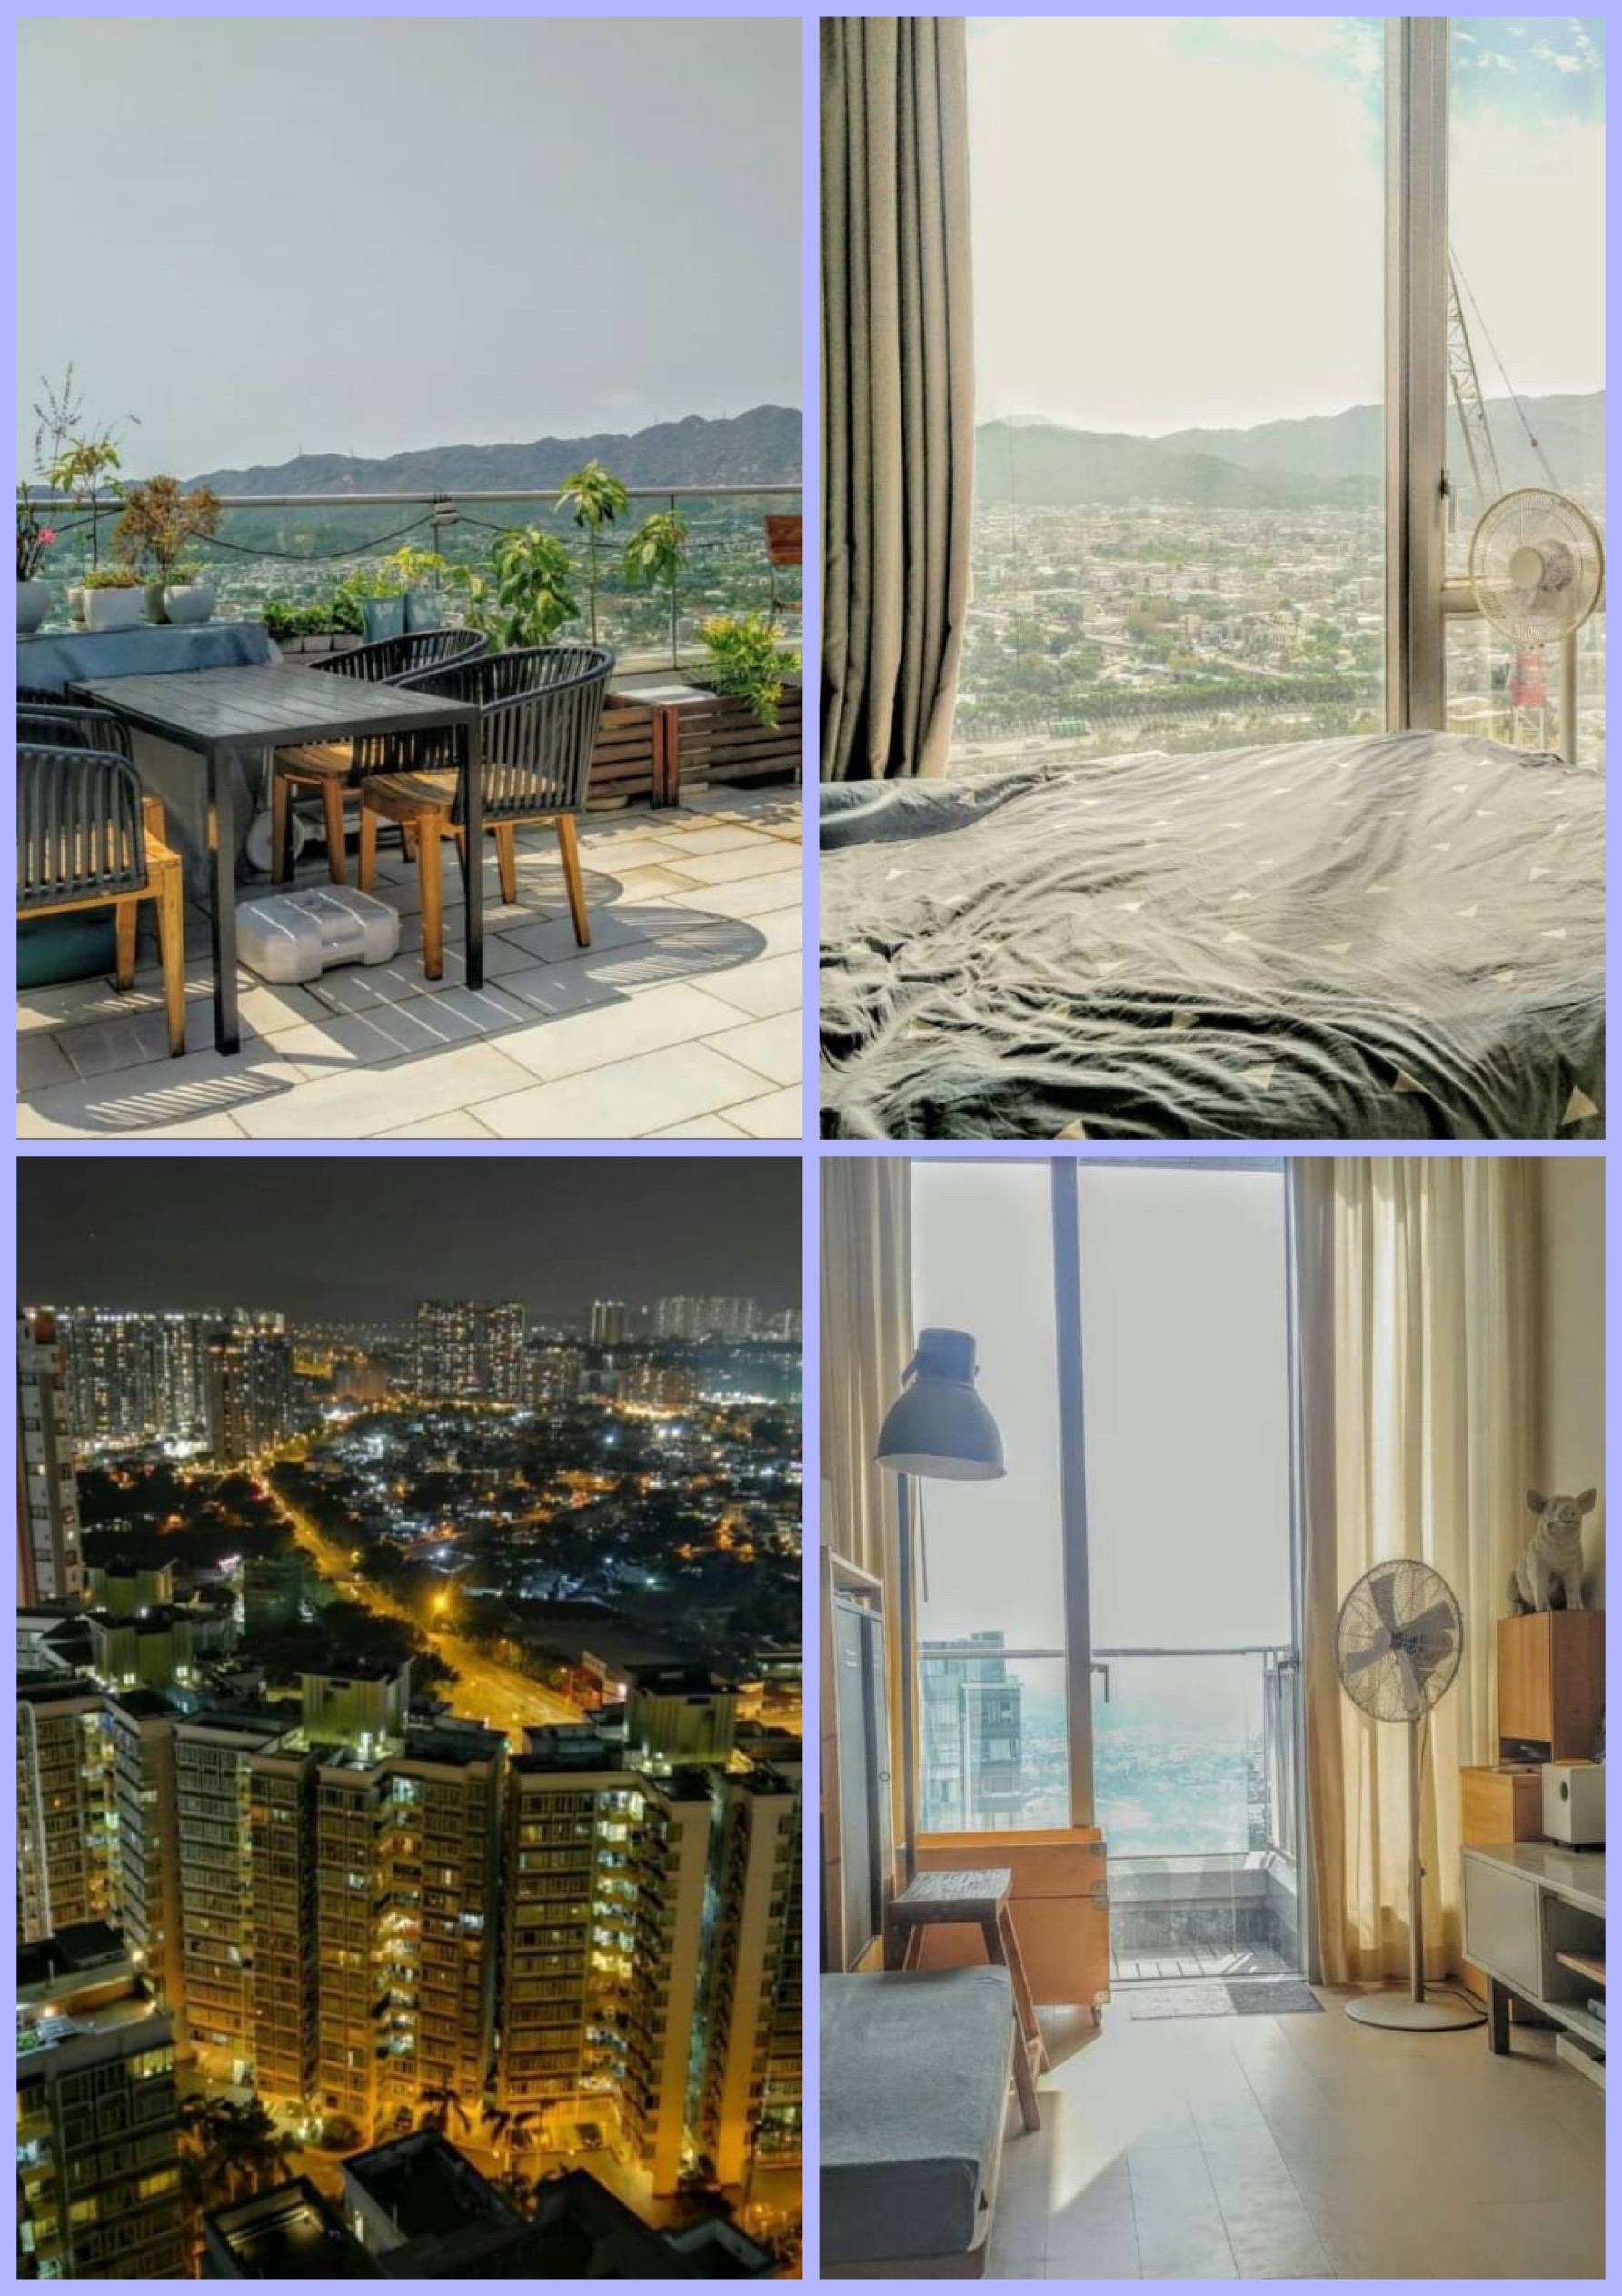 🌇市中心實用2房🎉+天台321呎🥂環境優美🎊向南開揚景觀💕